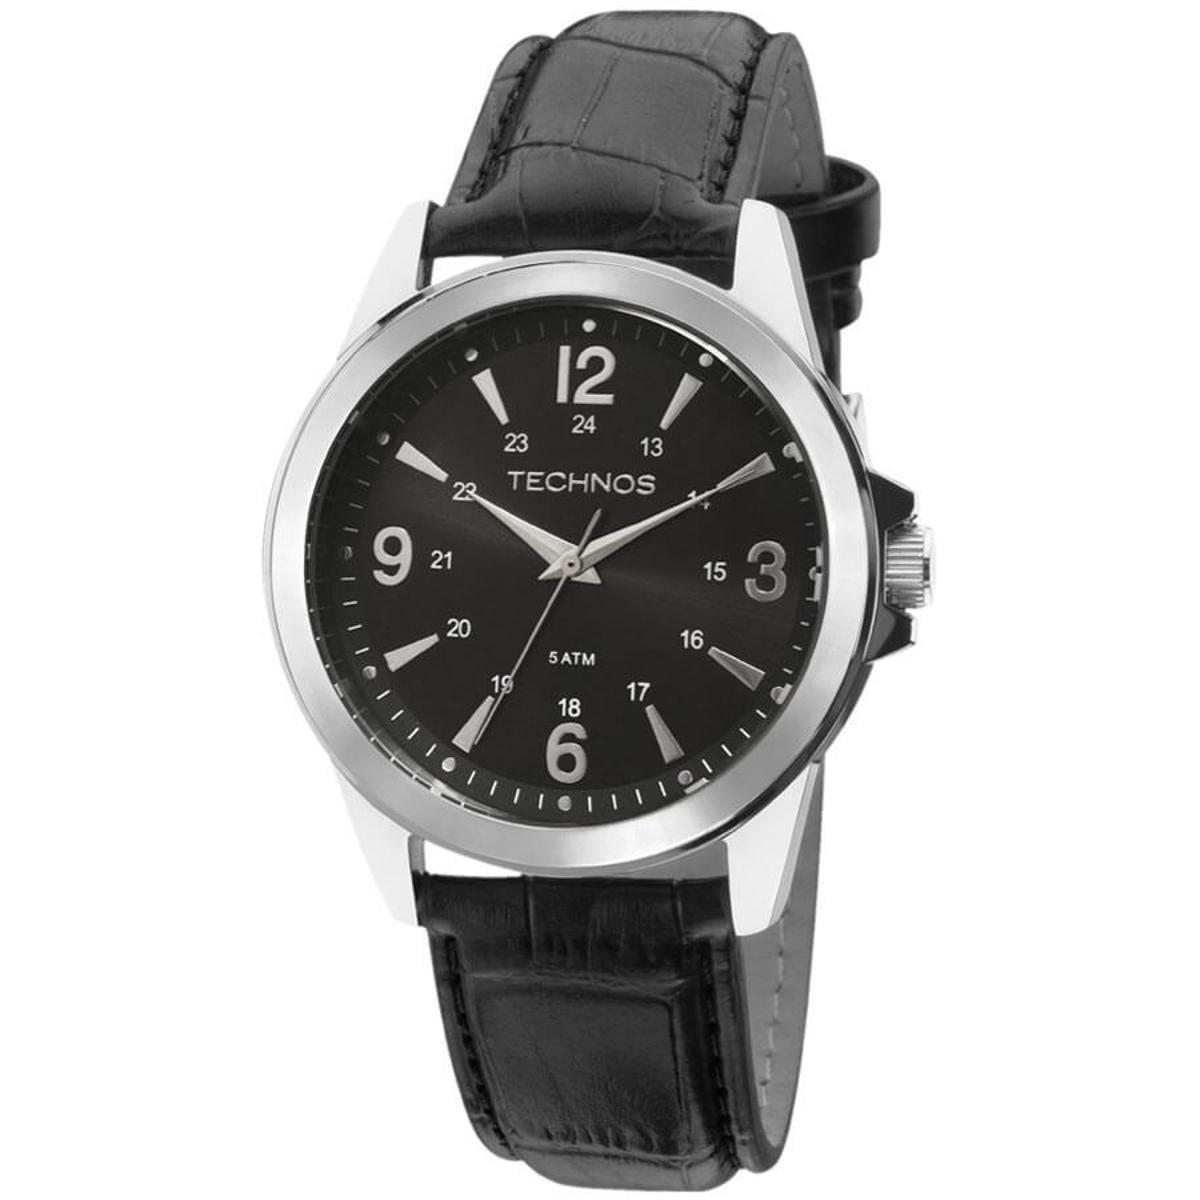 66ec3936c76 Relógio Technos Masculino Classic Steel 2035Mdi 0C - Compre Agora ...